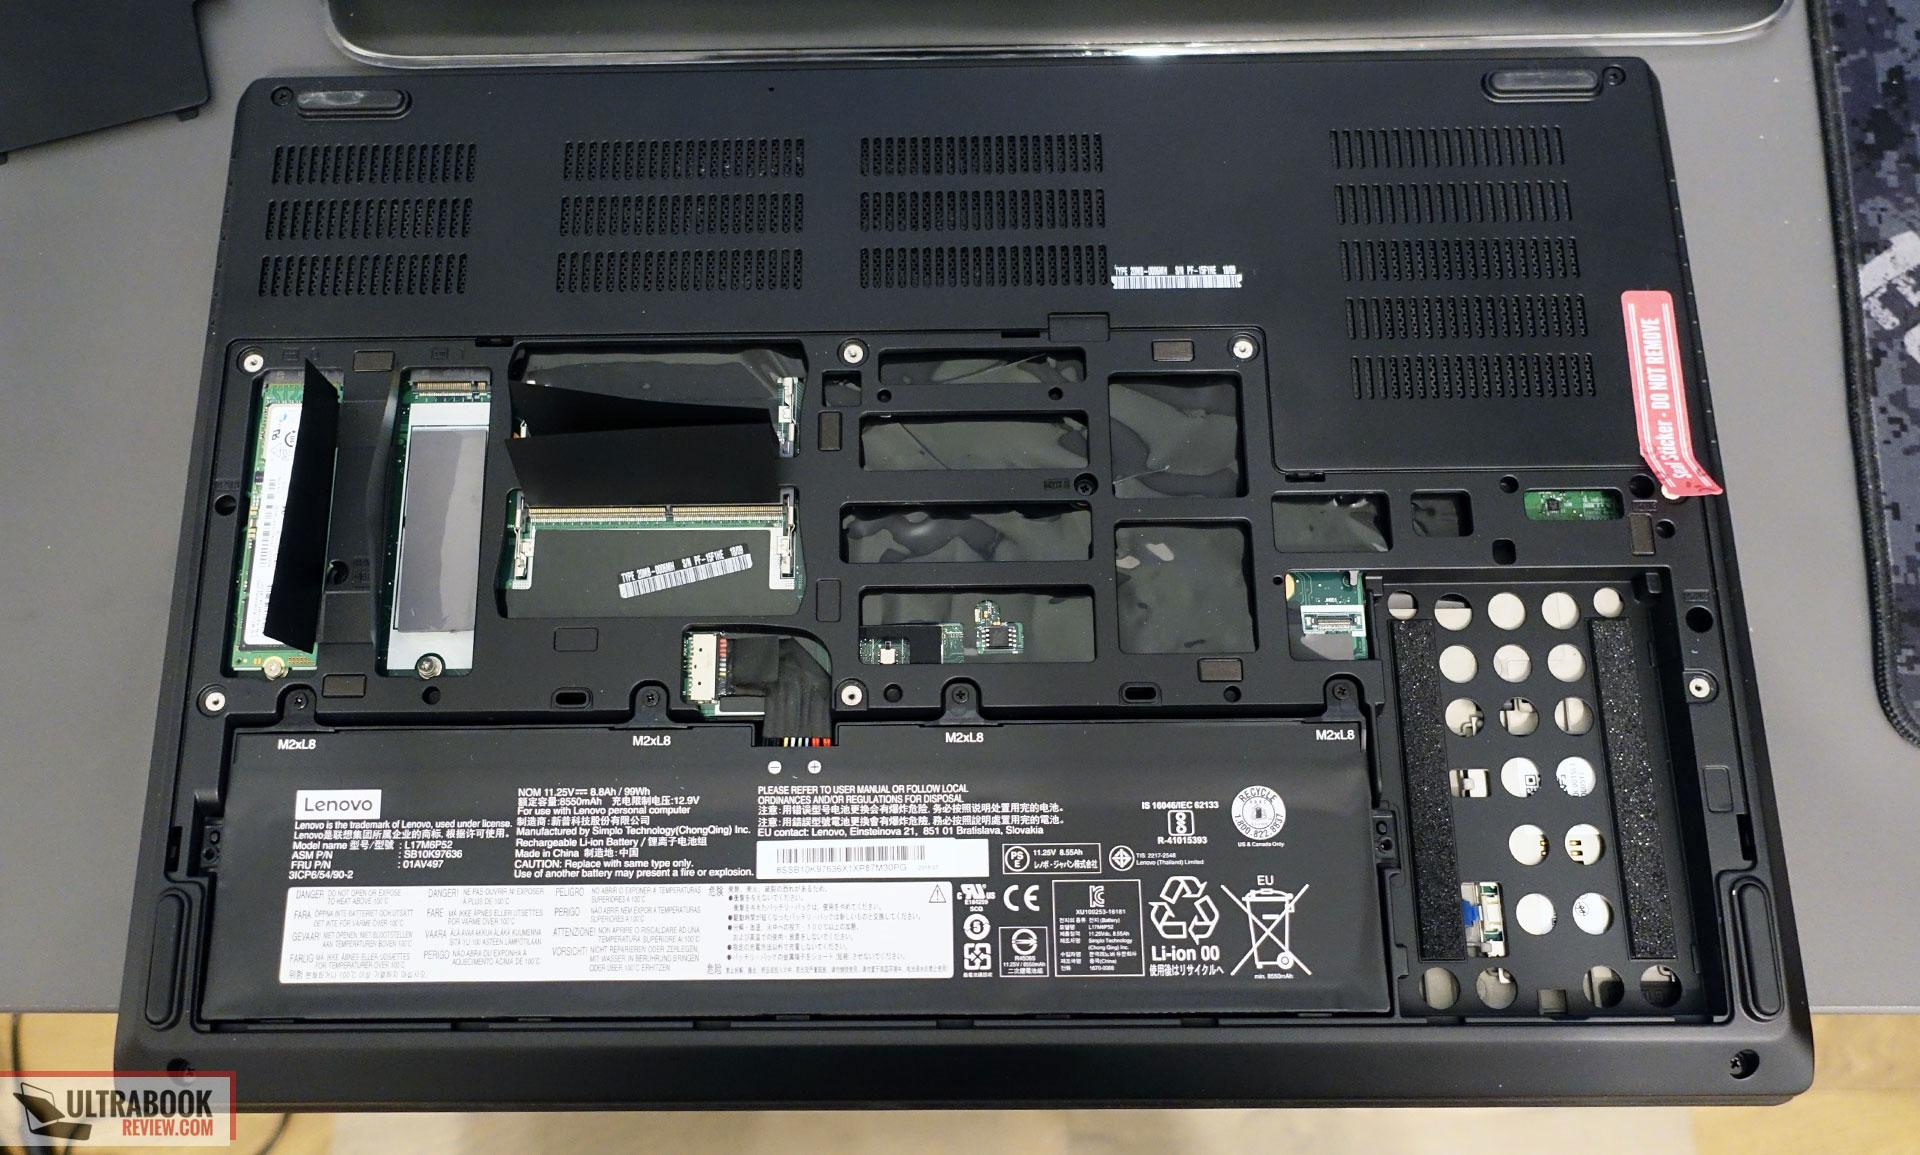 Lenovo ThinkPad P72 review (i7-8750H, Quadro P2000, FHD screen)